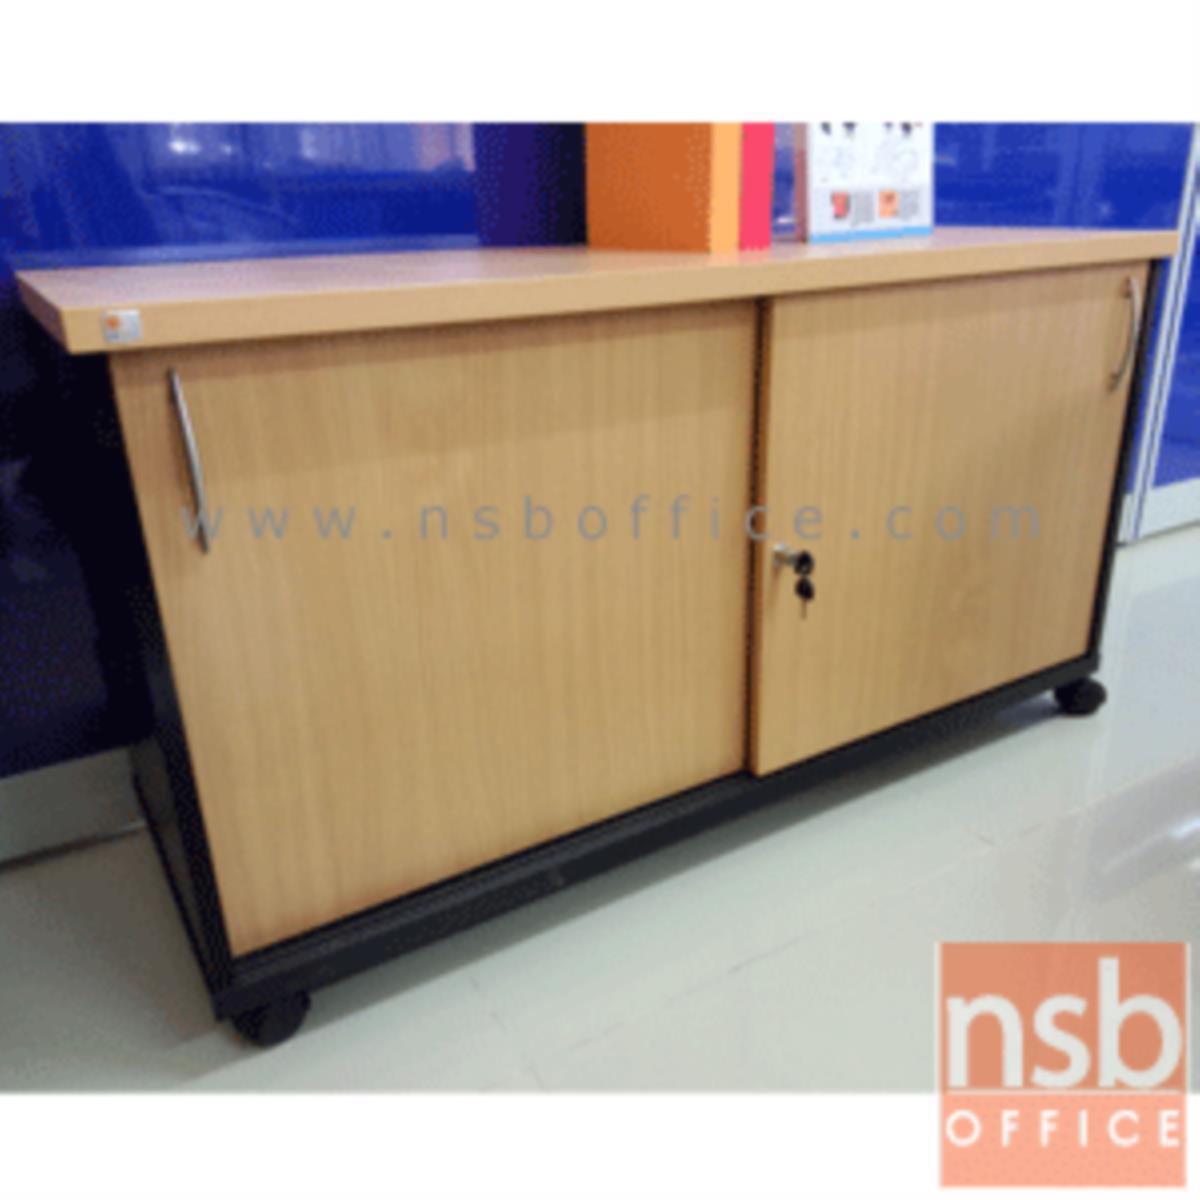 C01A008:ตู้เอกสารล้อเลื่อน สูง 65 cm. 2 บานเลื่อนทึบ วางข้างโต๊ะ รุ่น Orbison (ออร์บิสัน)  เมลามีน